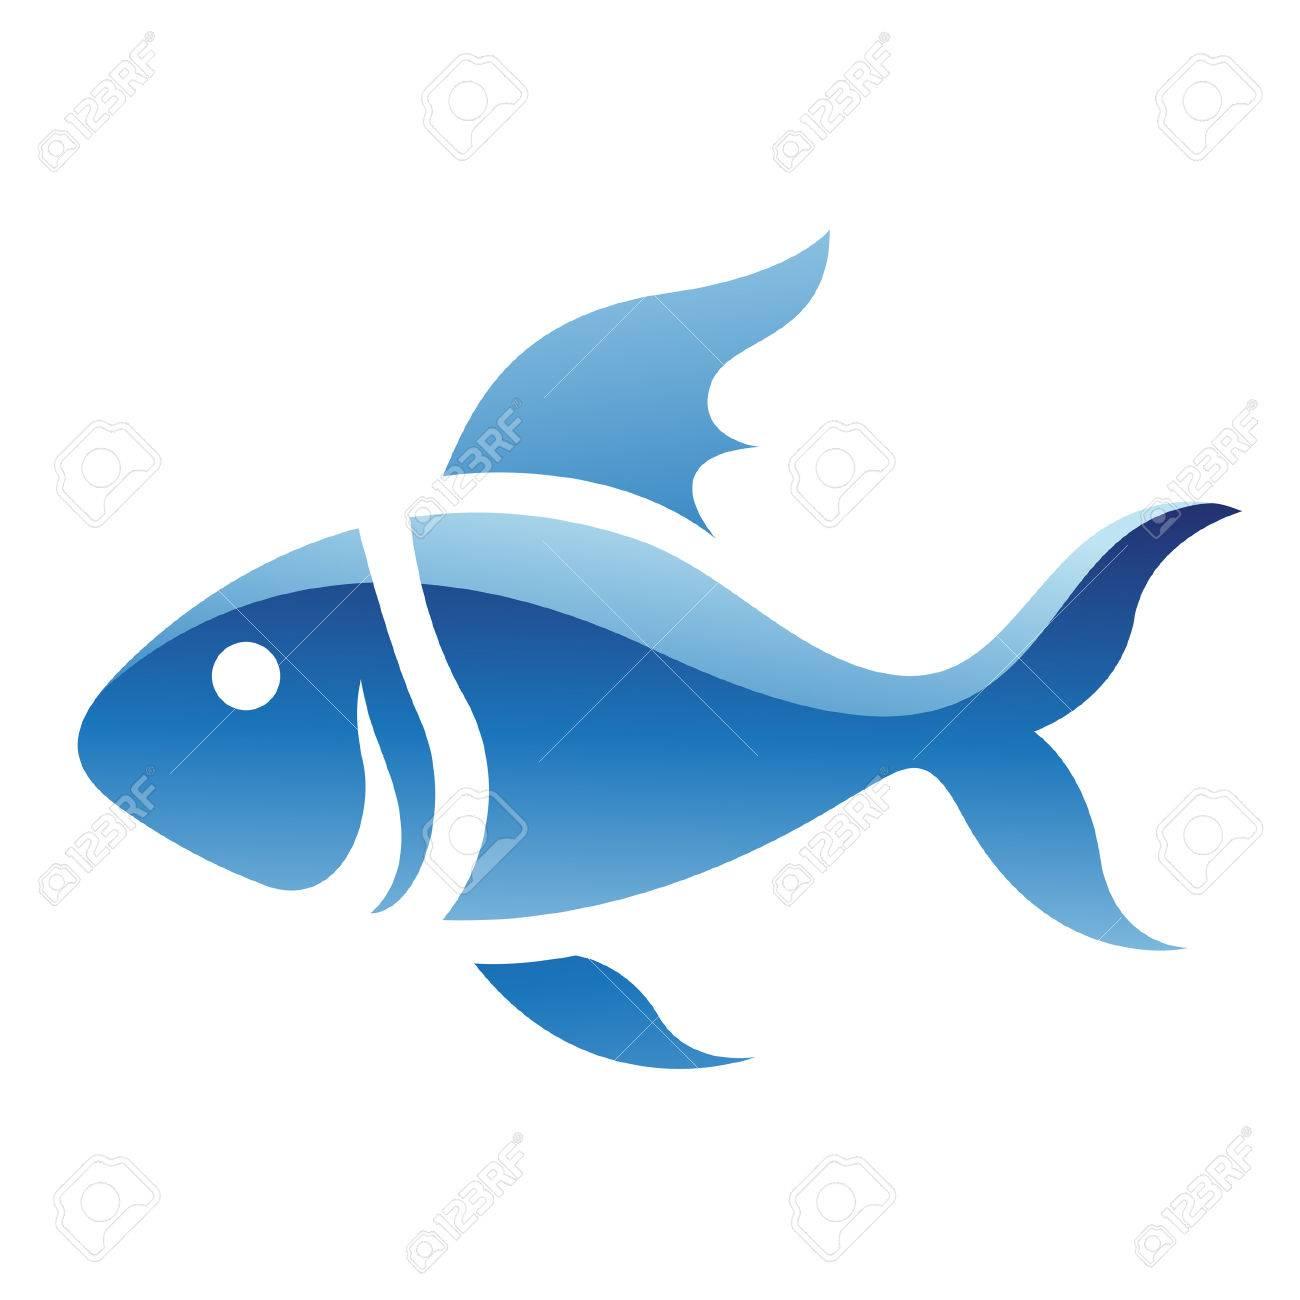 青い魚アイコン、白い背景で隔離のイラスト ロイヤリティフリー